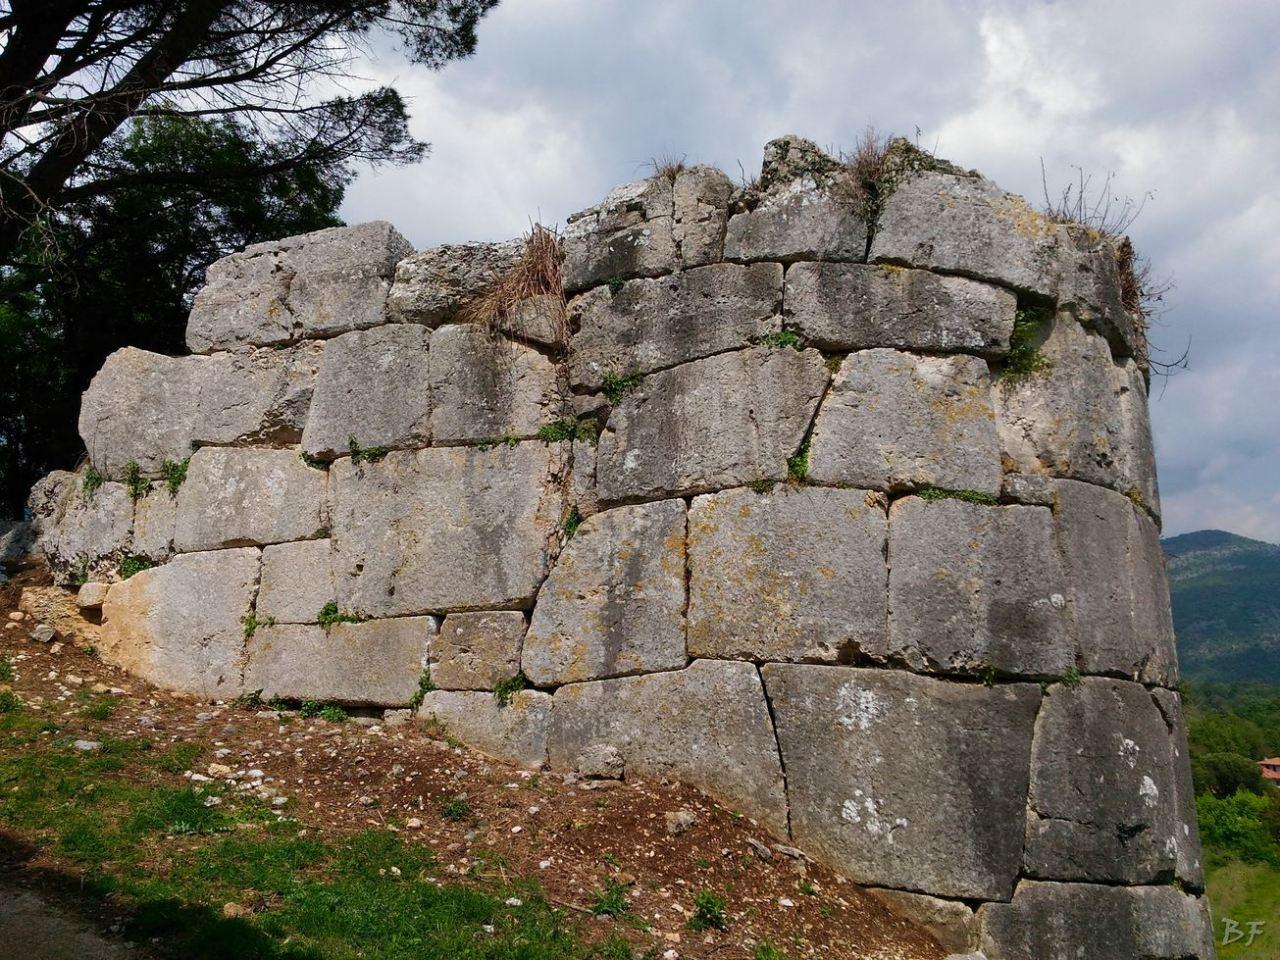 Norba-Mura-Megalitiche-Poligonali-Latina-Lazio-Italia-9